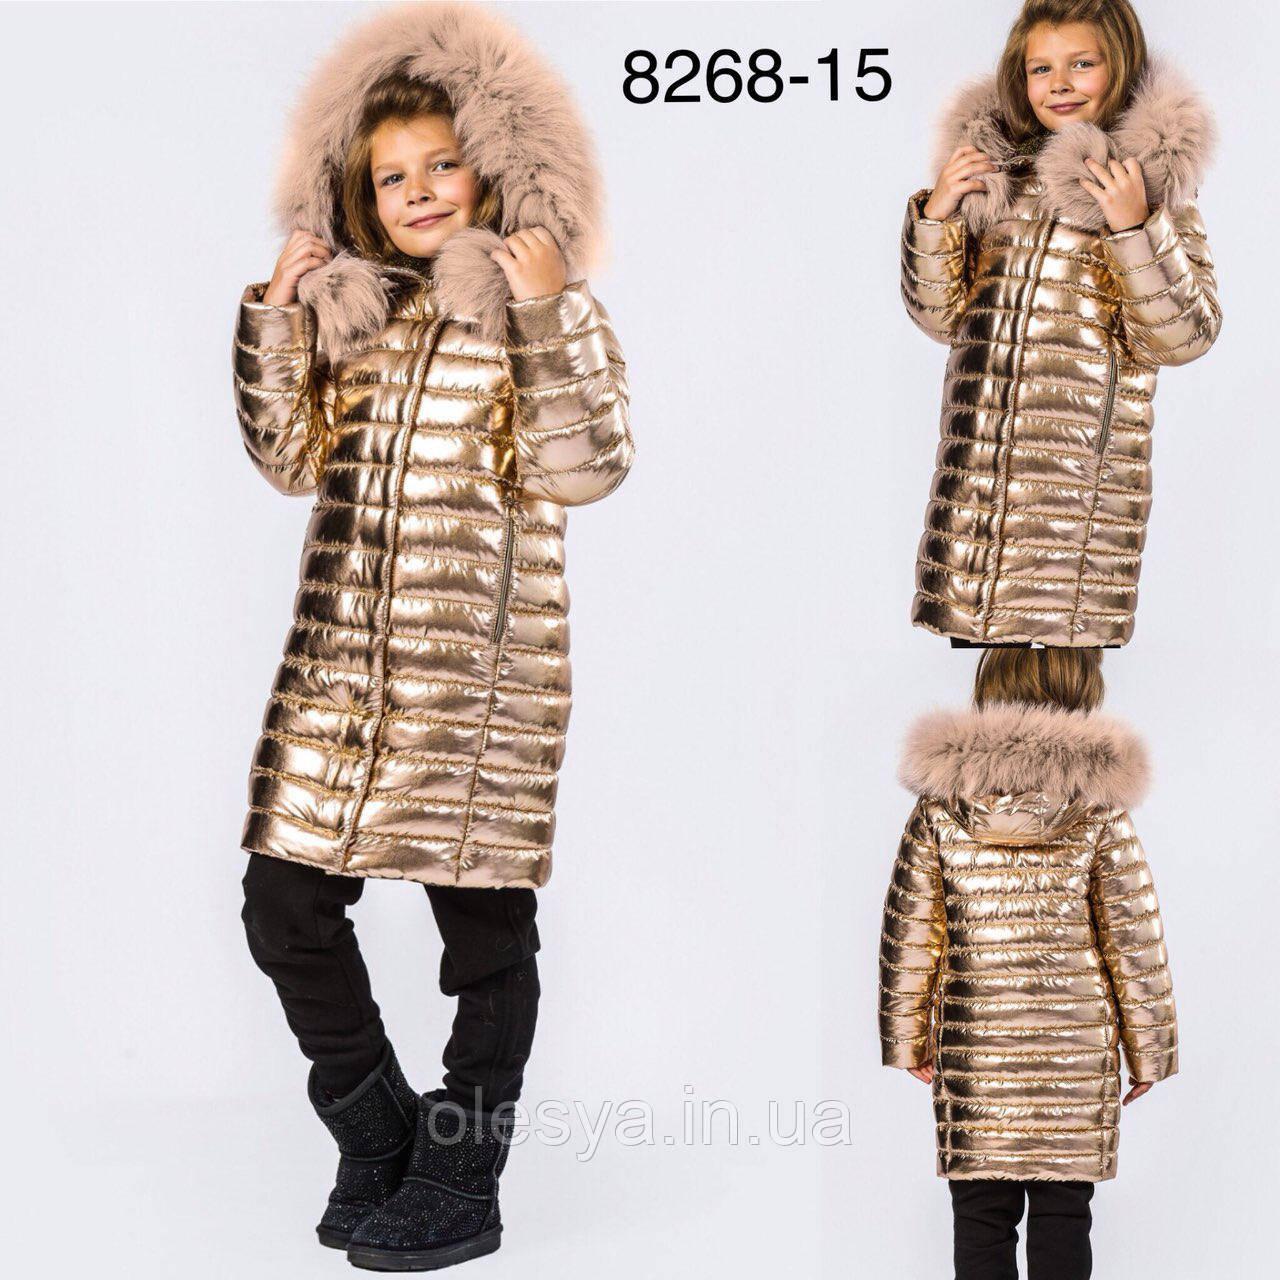 Детское зимнее Пальто на девочку X-Woyz 8268 Размер 42 Розовое золото